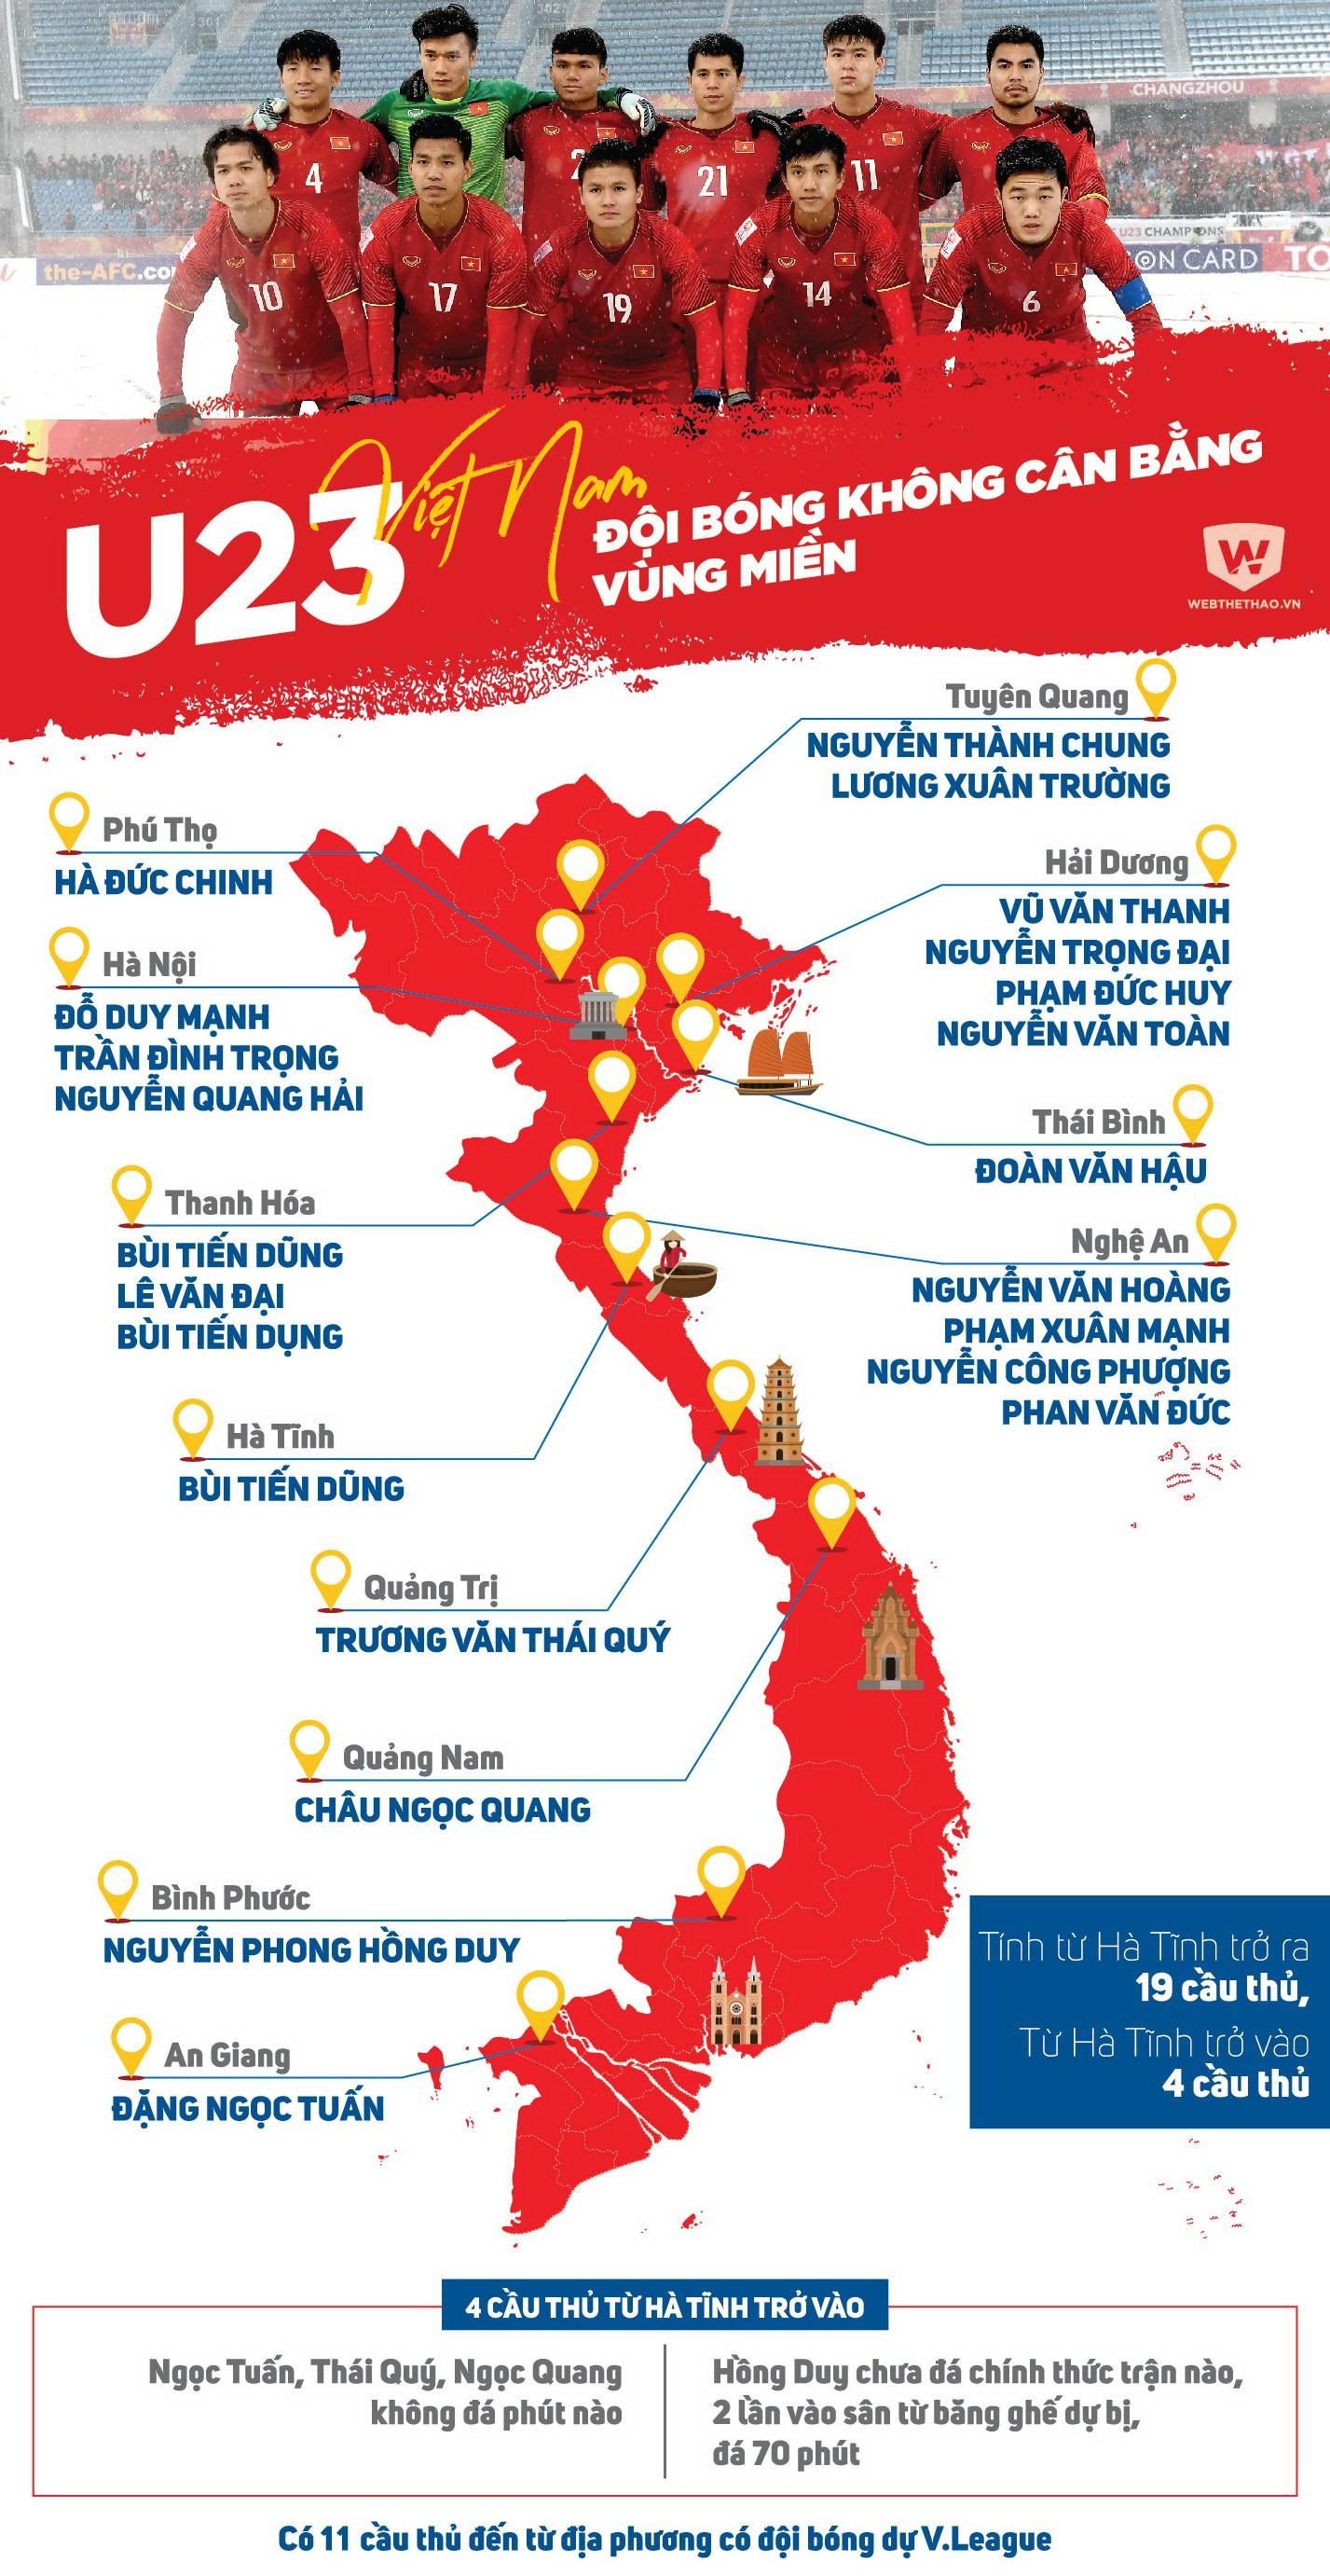 Các cầu thủ U23 Việt Nam xuất thân chủ yếu từ các địa phương ở Hà Tĩnh trở ra. Đồ họa: Định Lê